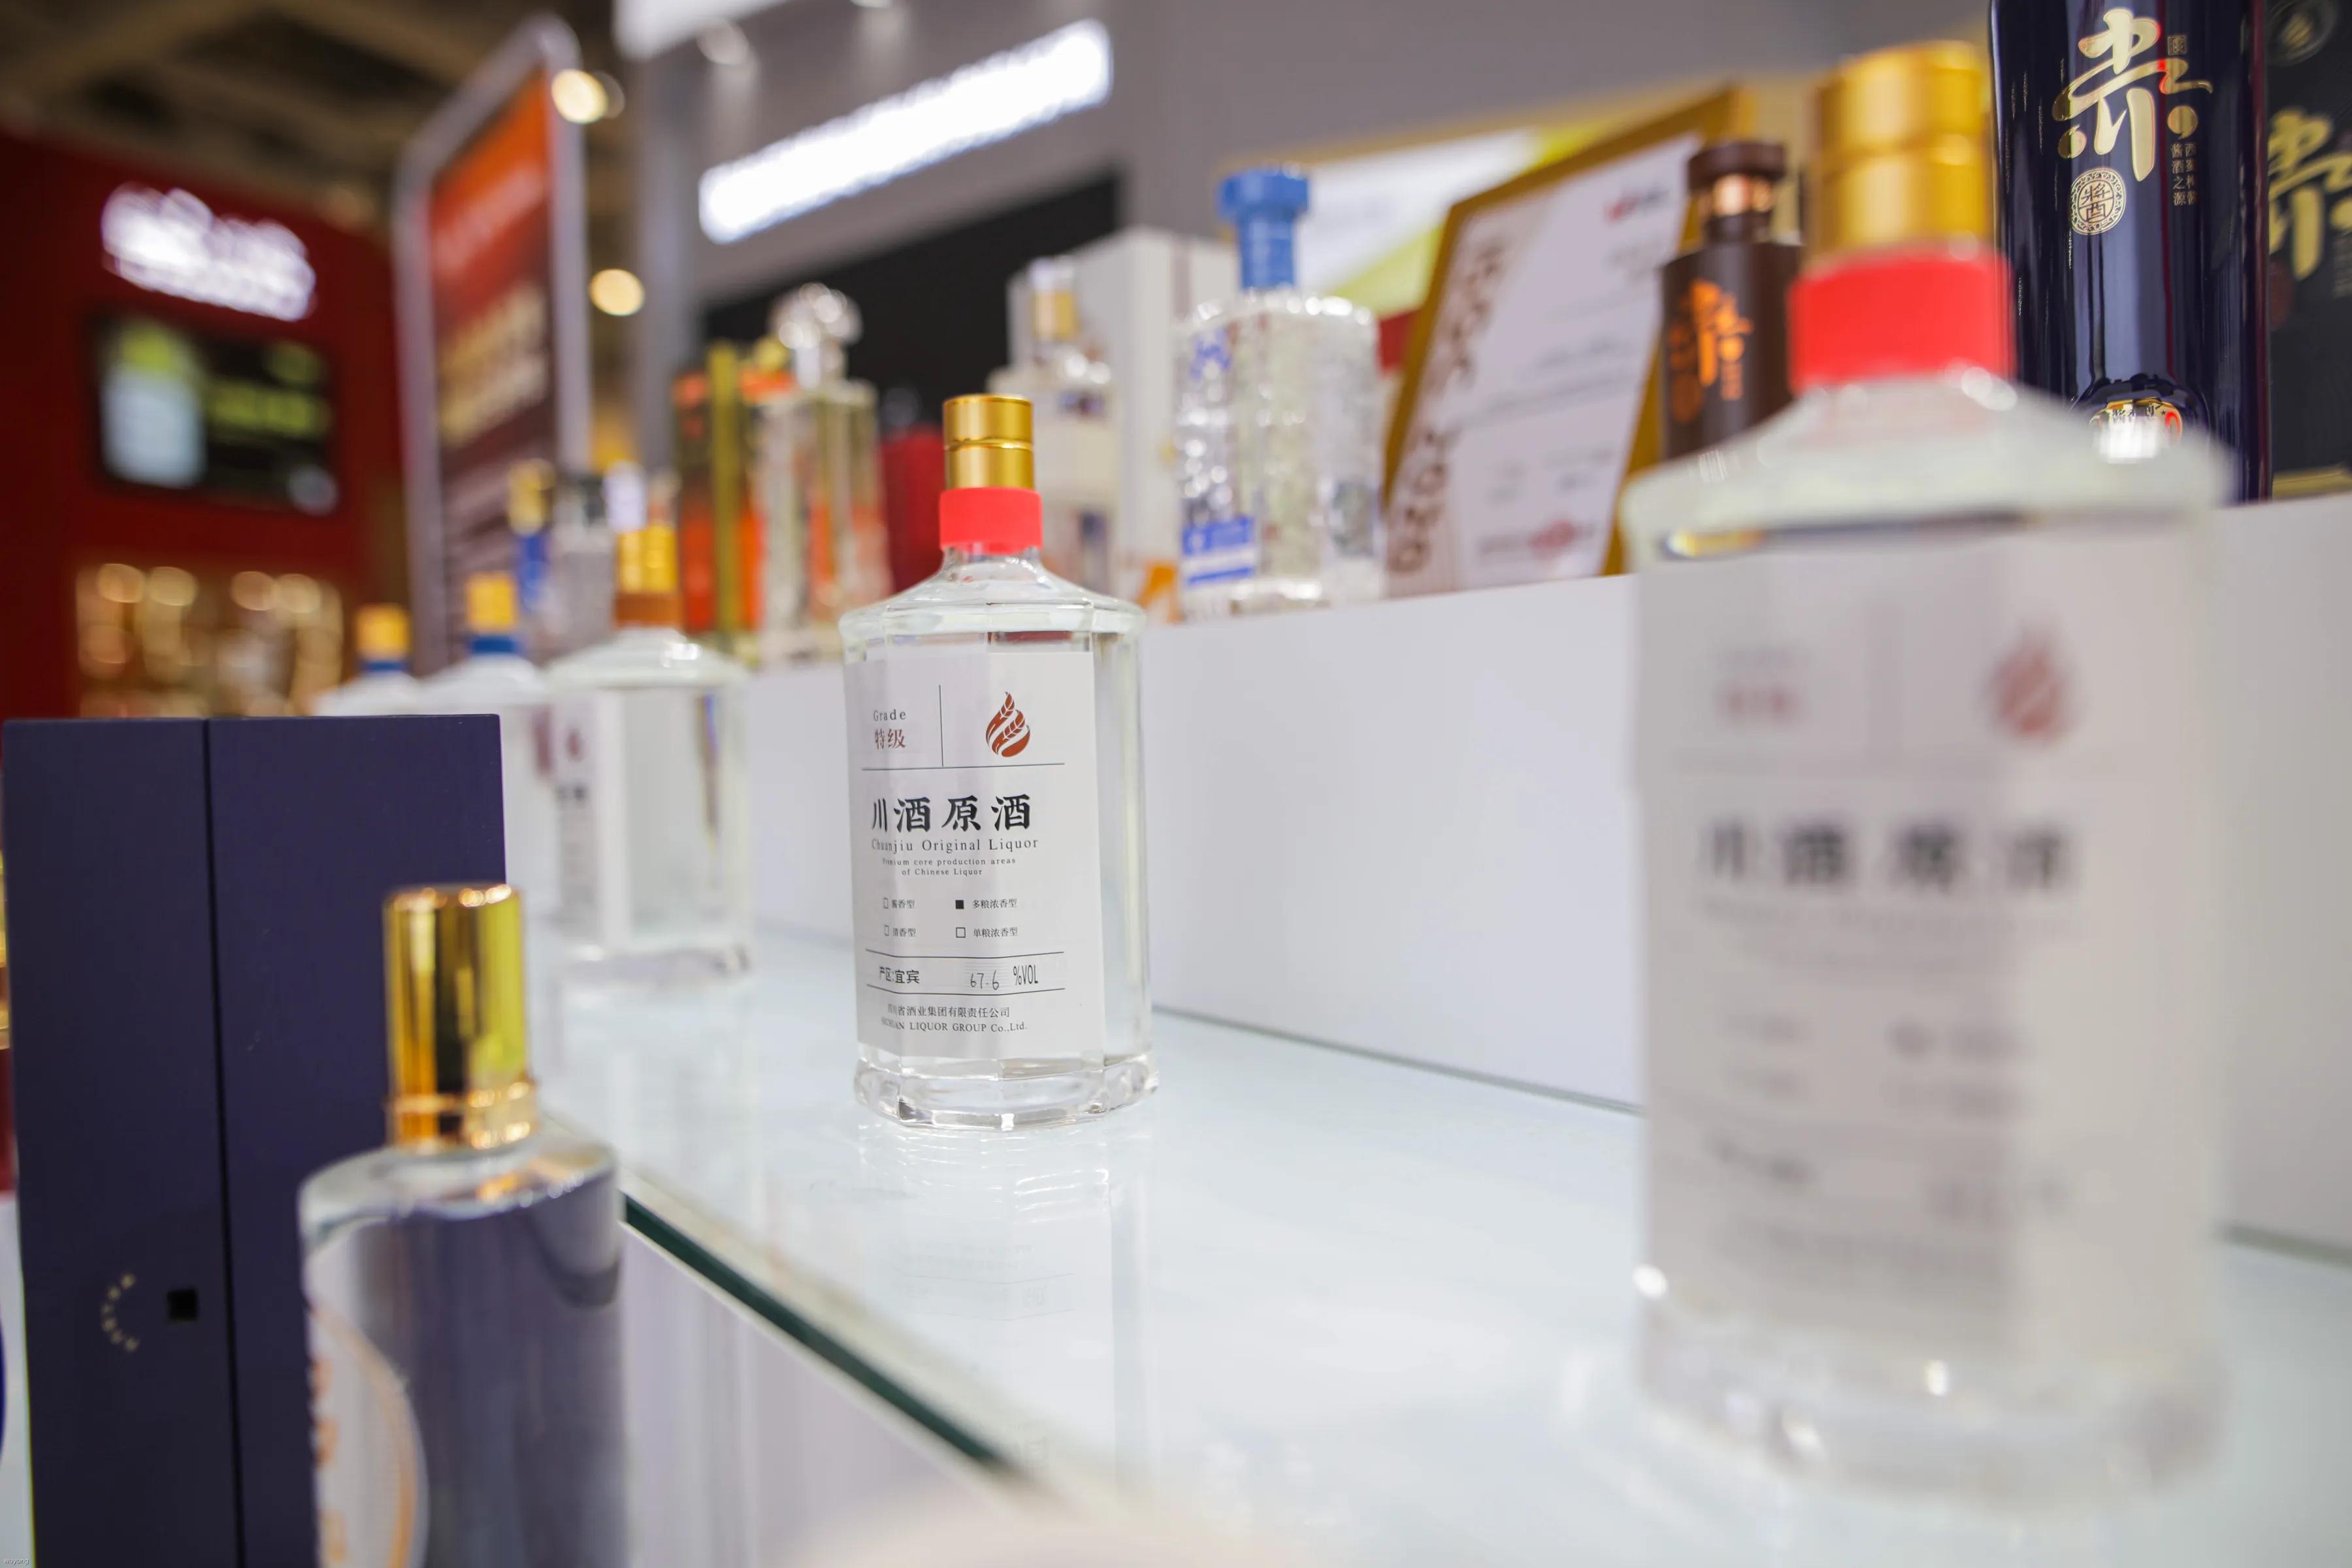 川酒集团打造川酒原酒联盟 为品牌好酒提供品质原酒